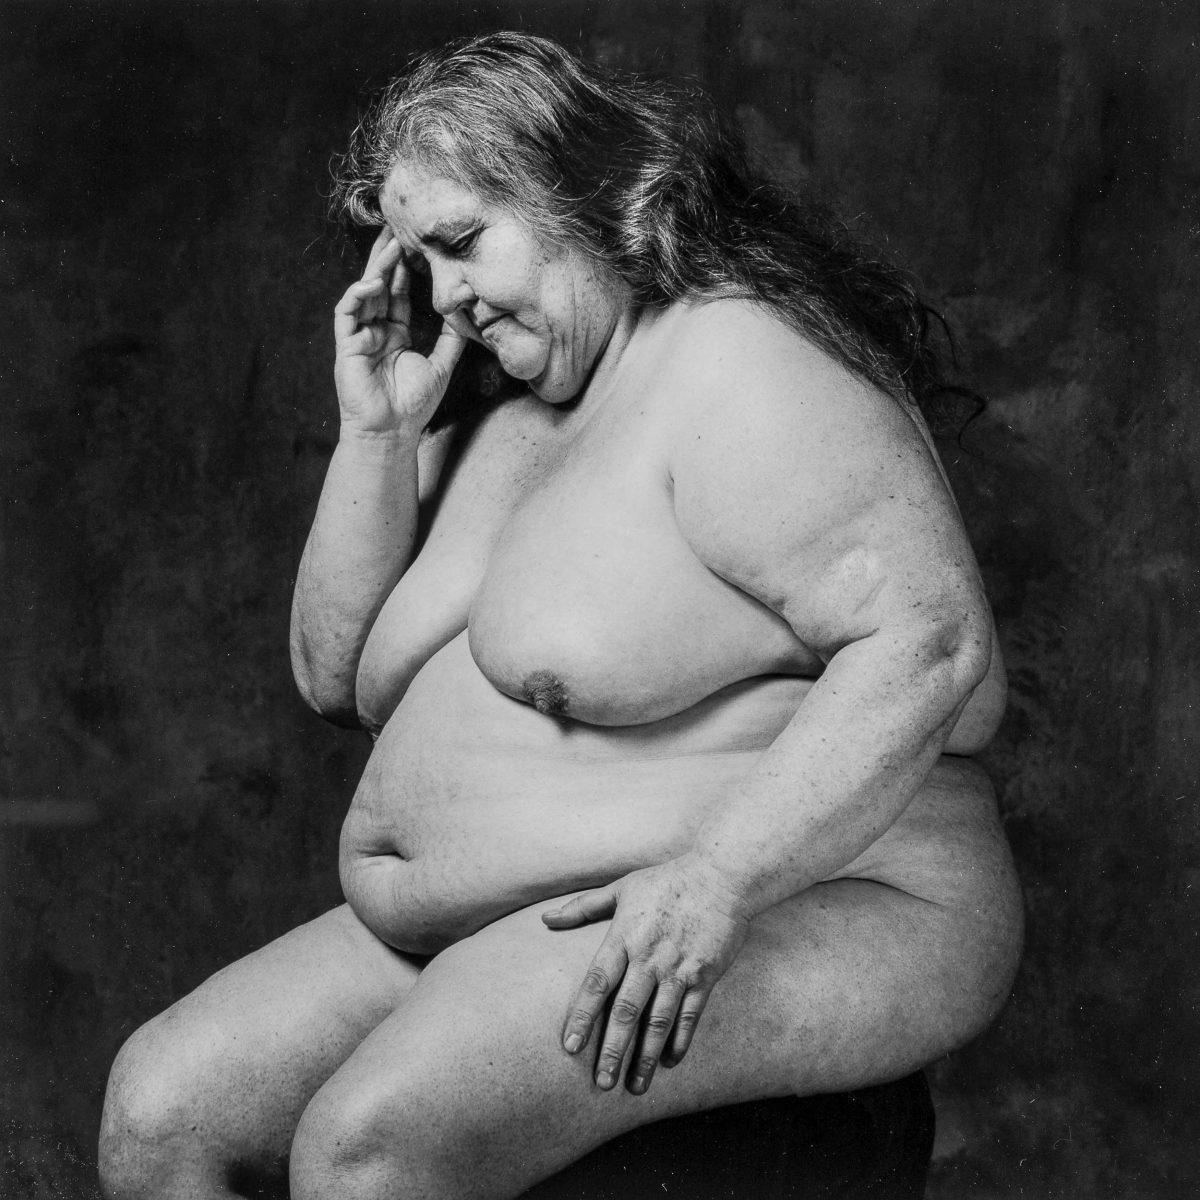 Plano americano, blanco y negro. Mujer desnuda, con sobrepeso mórbido, sentada en actitud que recuerda al pensador de Rodin.